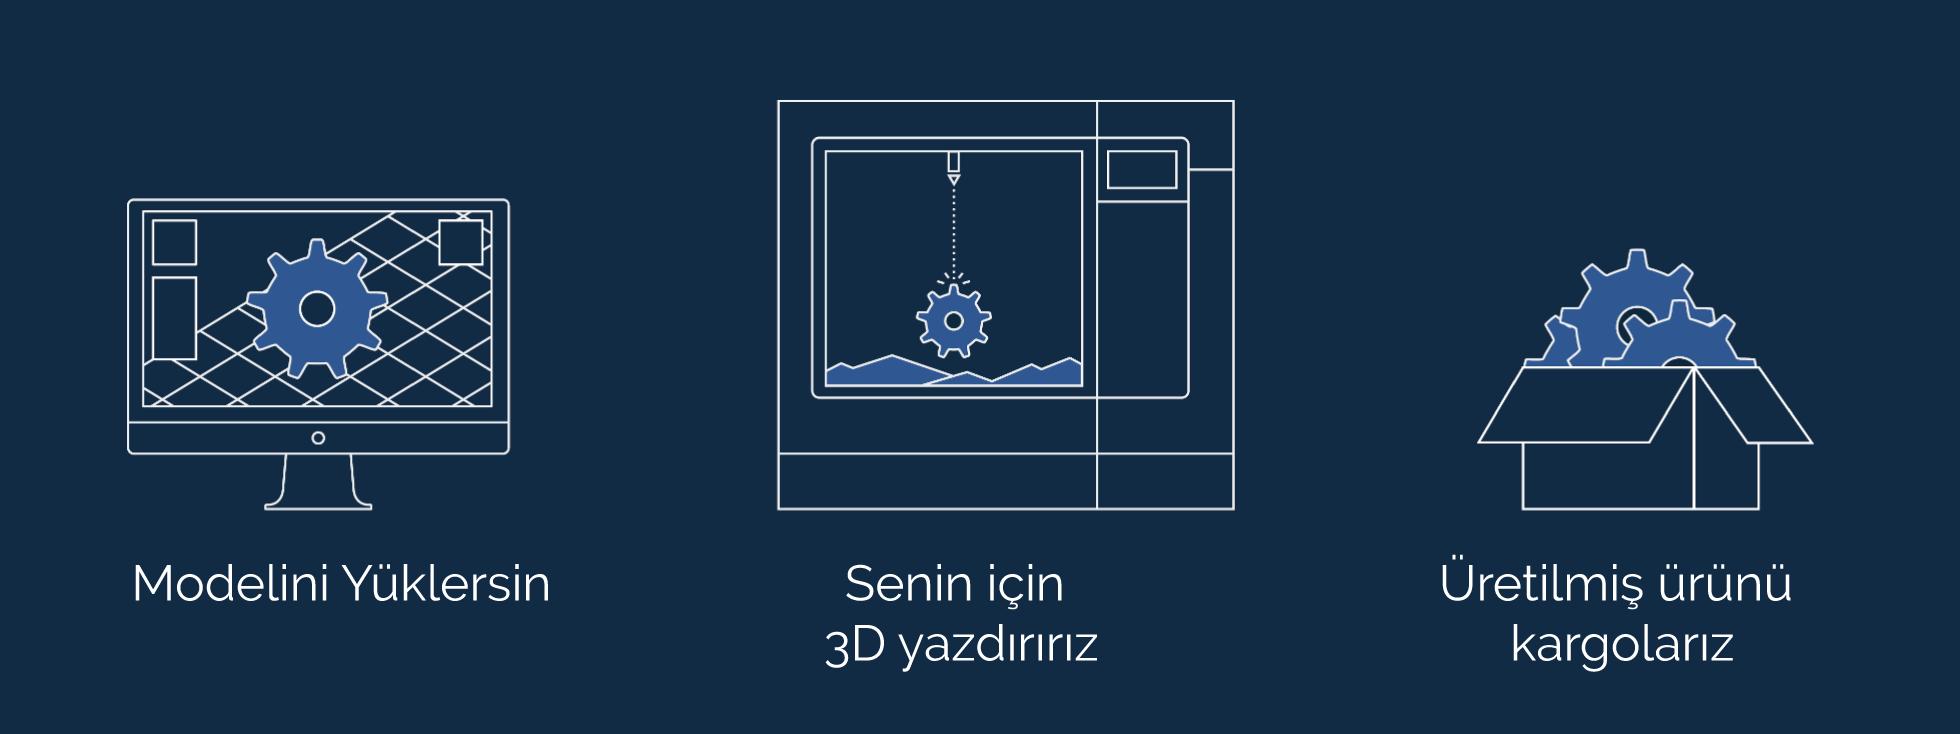 3D Yazdırma